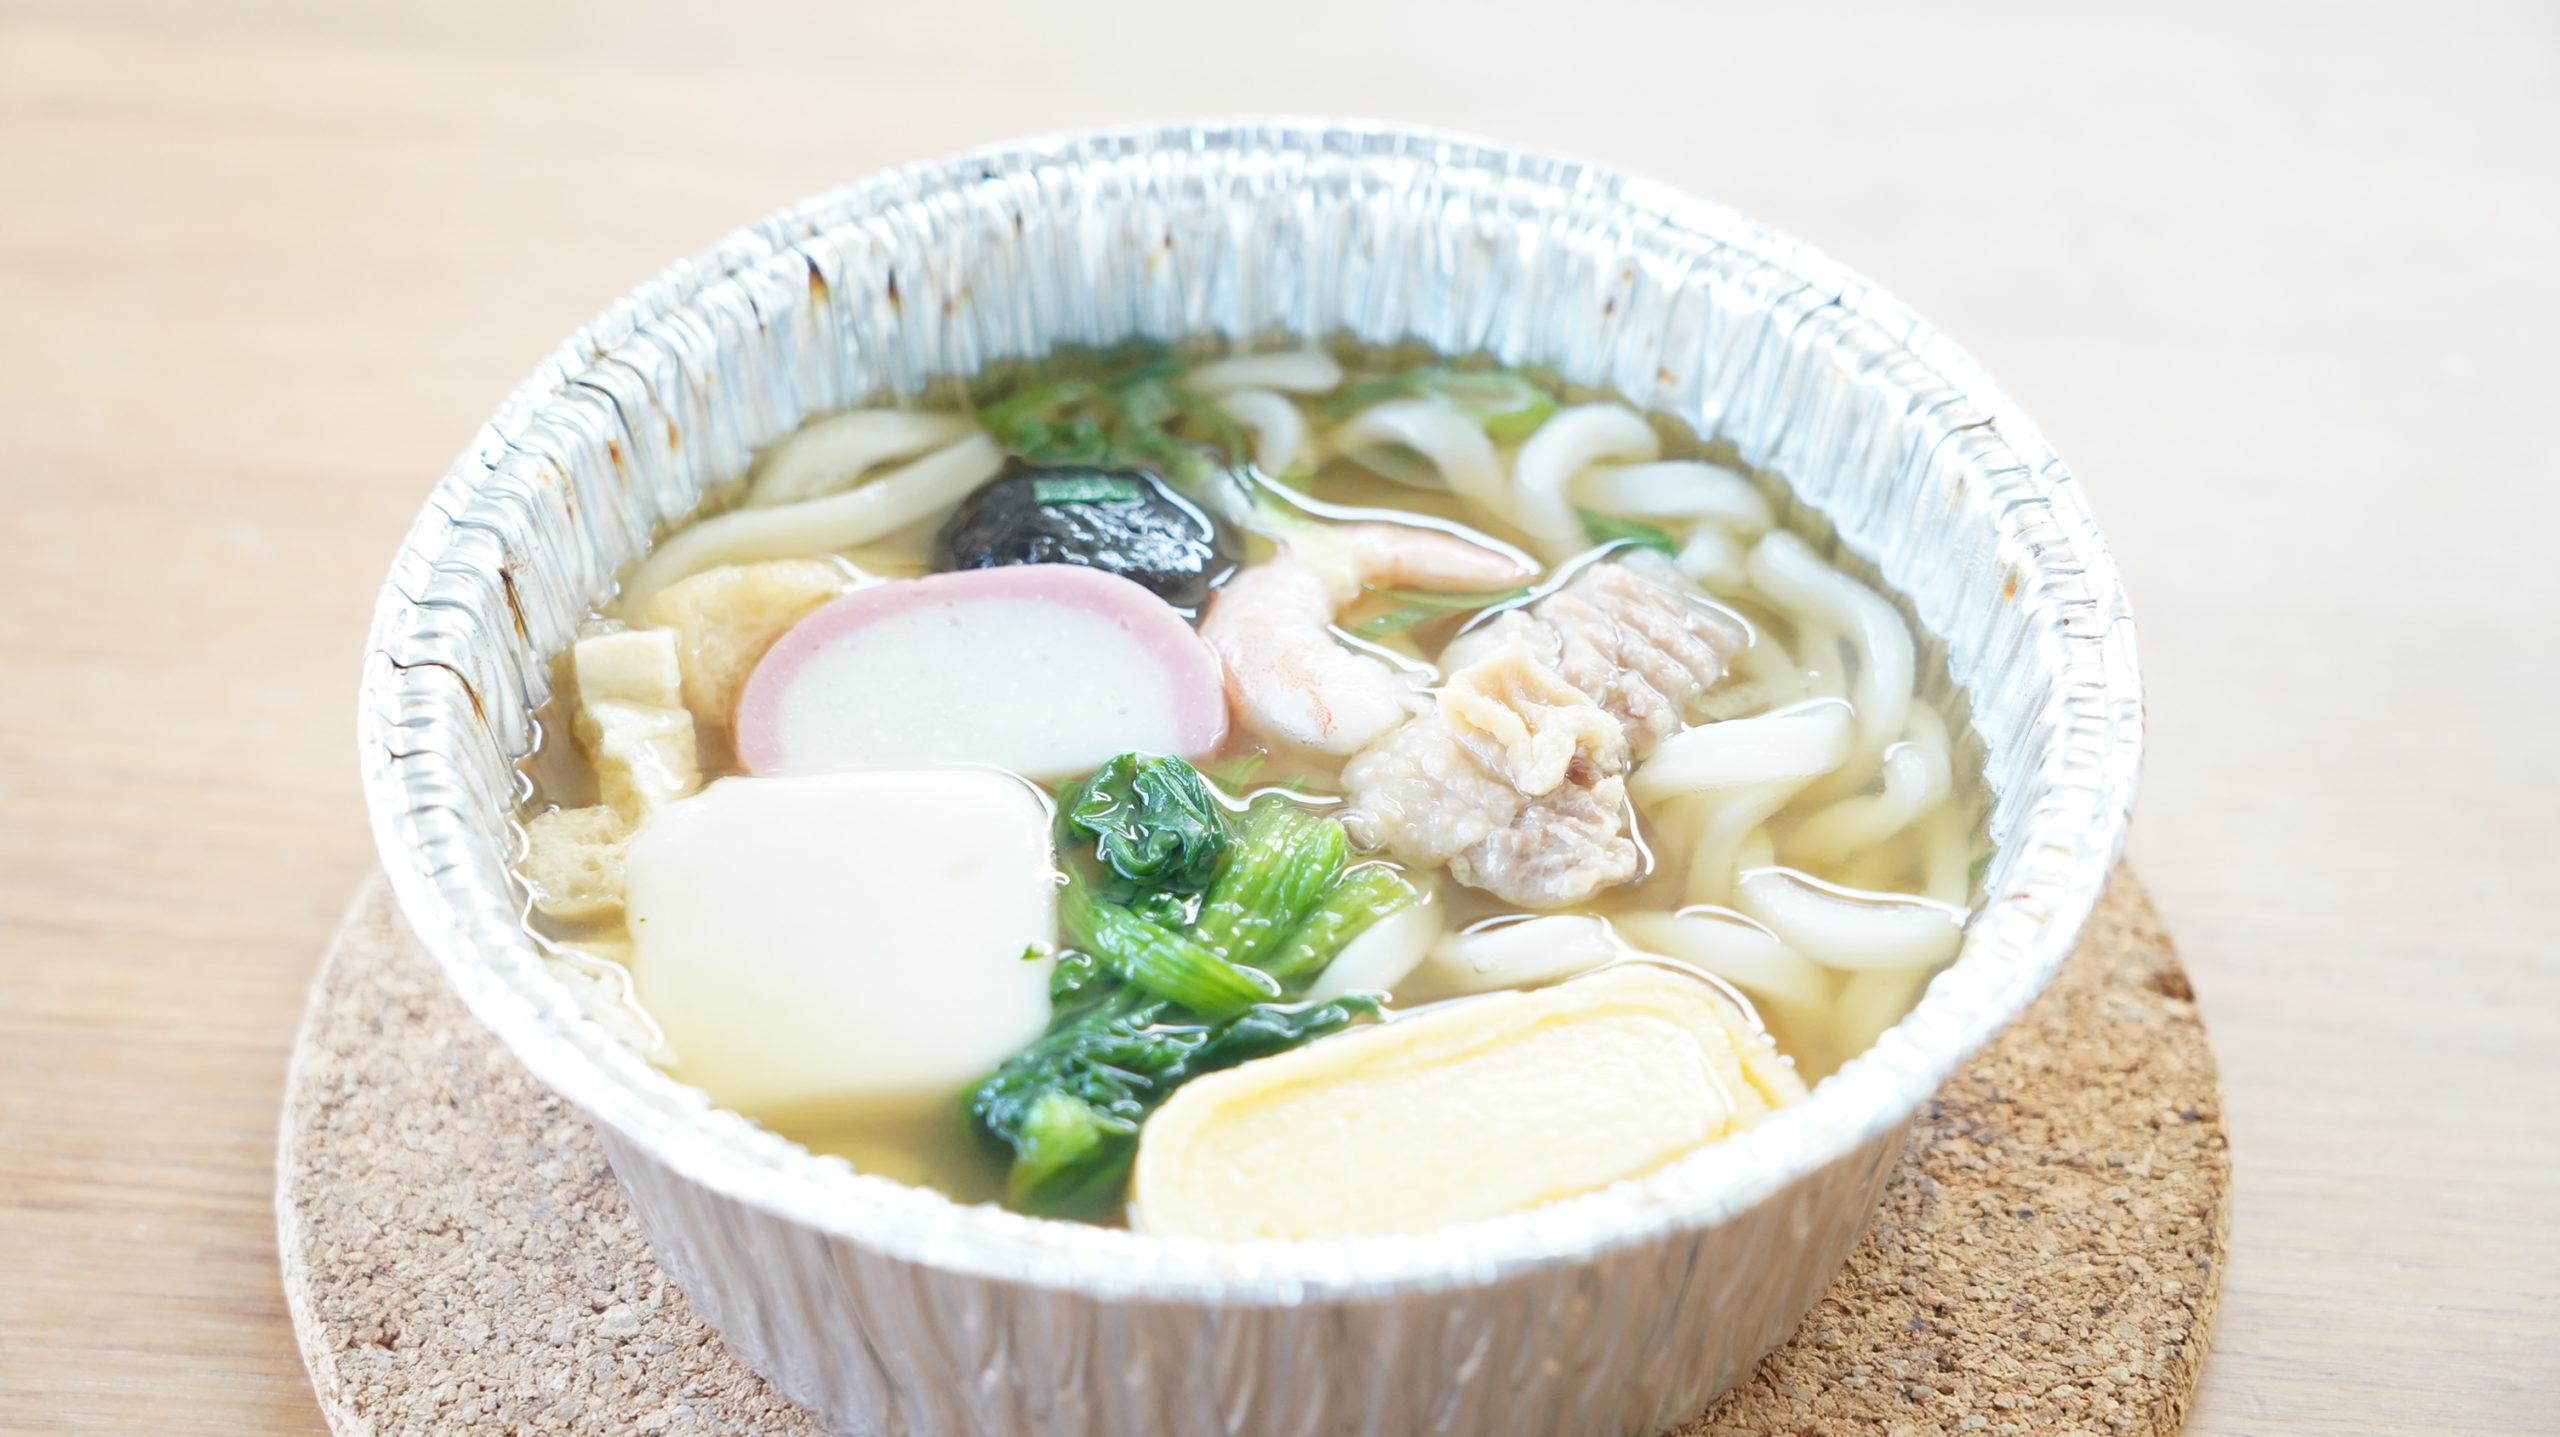 セブンイレブンの冷凍食品「関西風だし・鍋焼うどん」の完成イメージ写真